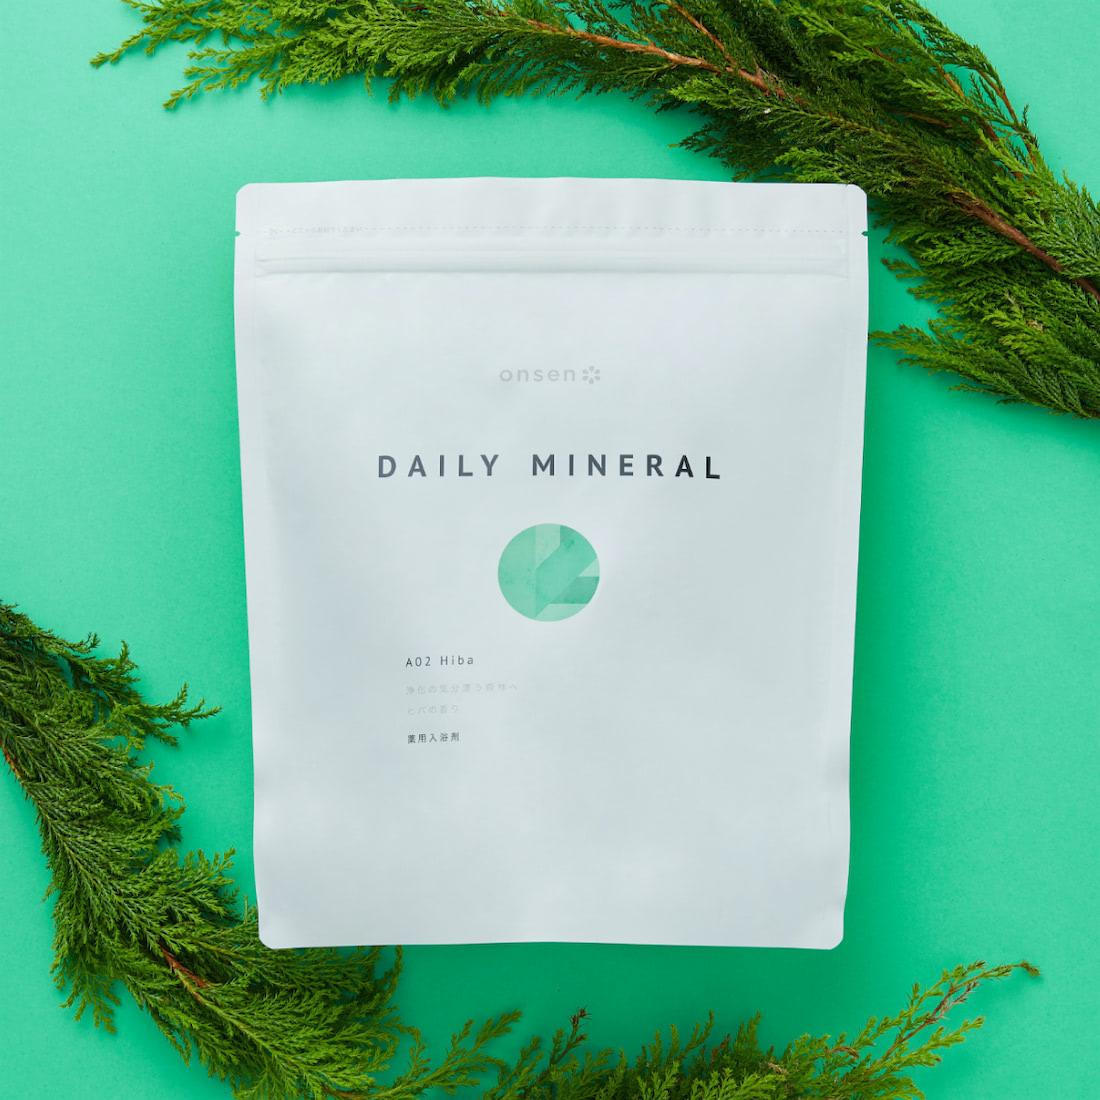 薬用入浴剤 デイリーミネラル A02 Hiba(浄化の気分漂う森林へ ヒバの香り)大容量   Onsen*